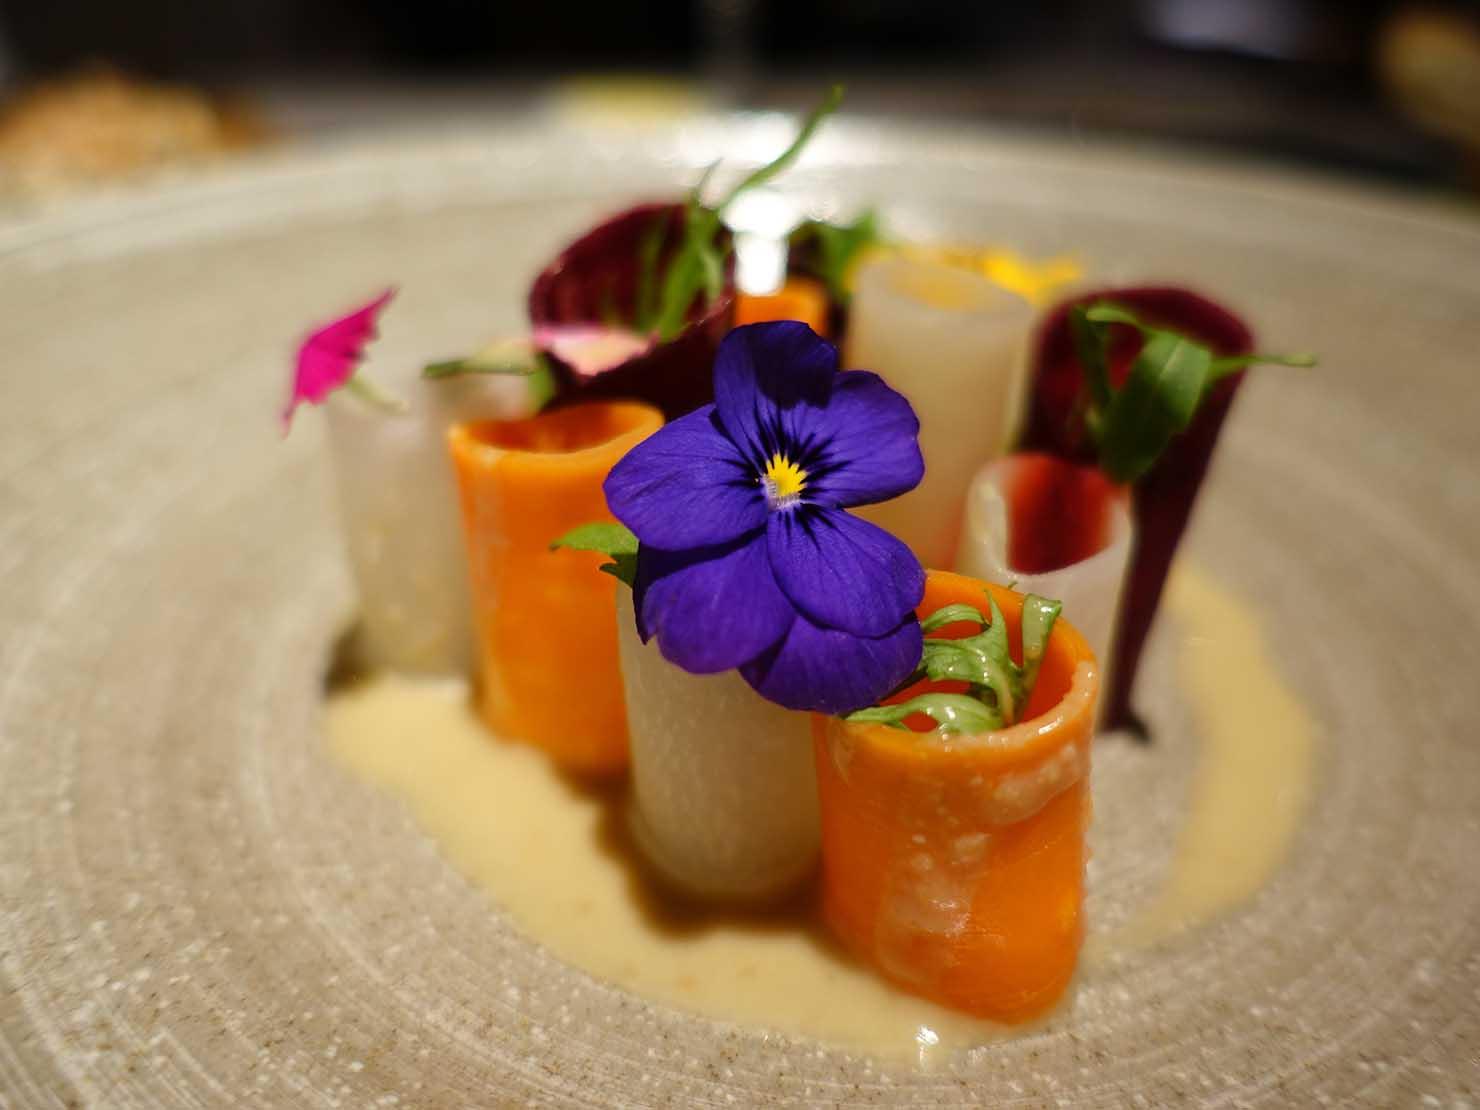 台北の4つ星ホテルにあるステーキハウス「地中海牛排館」の低溫烹調鮮蔬(低温調理サラダ)クローズアップ